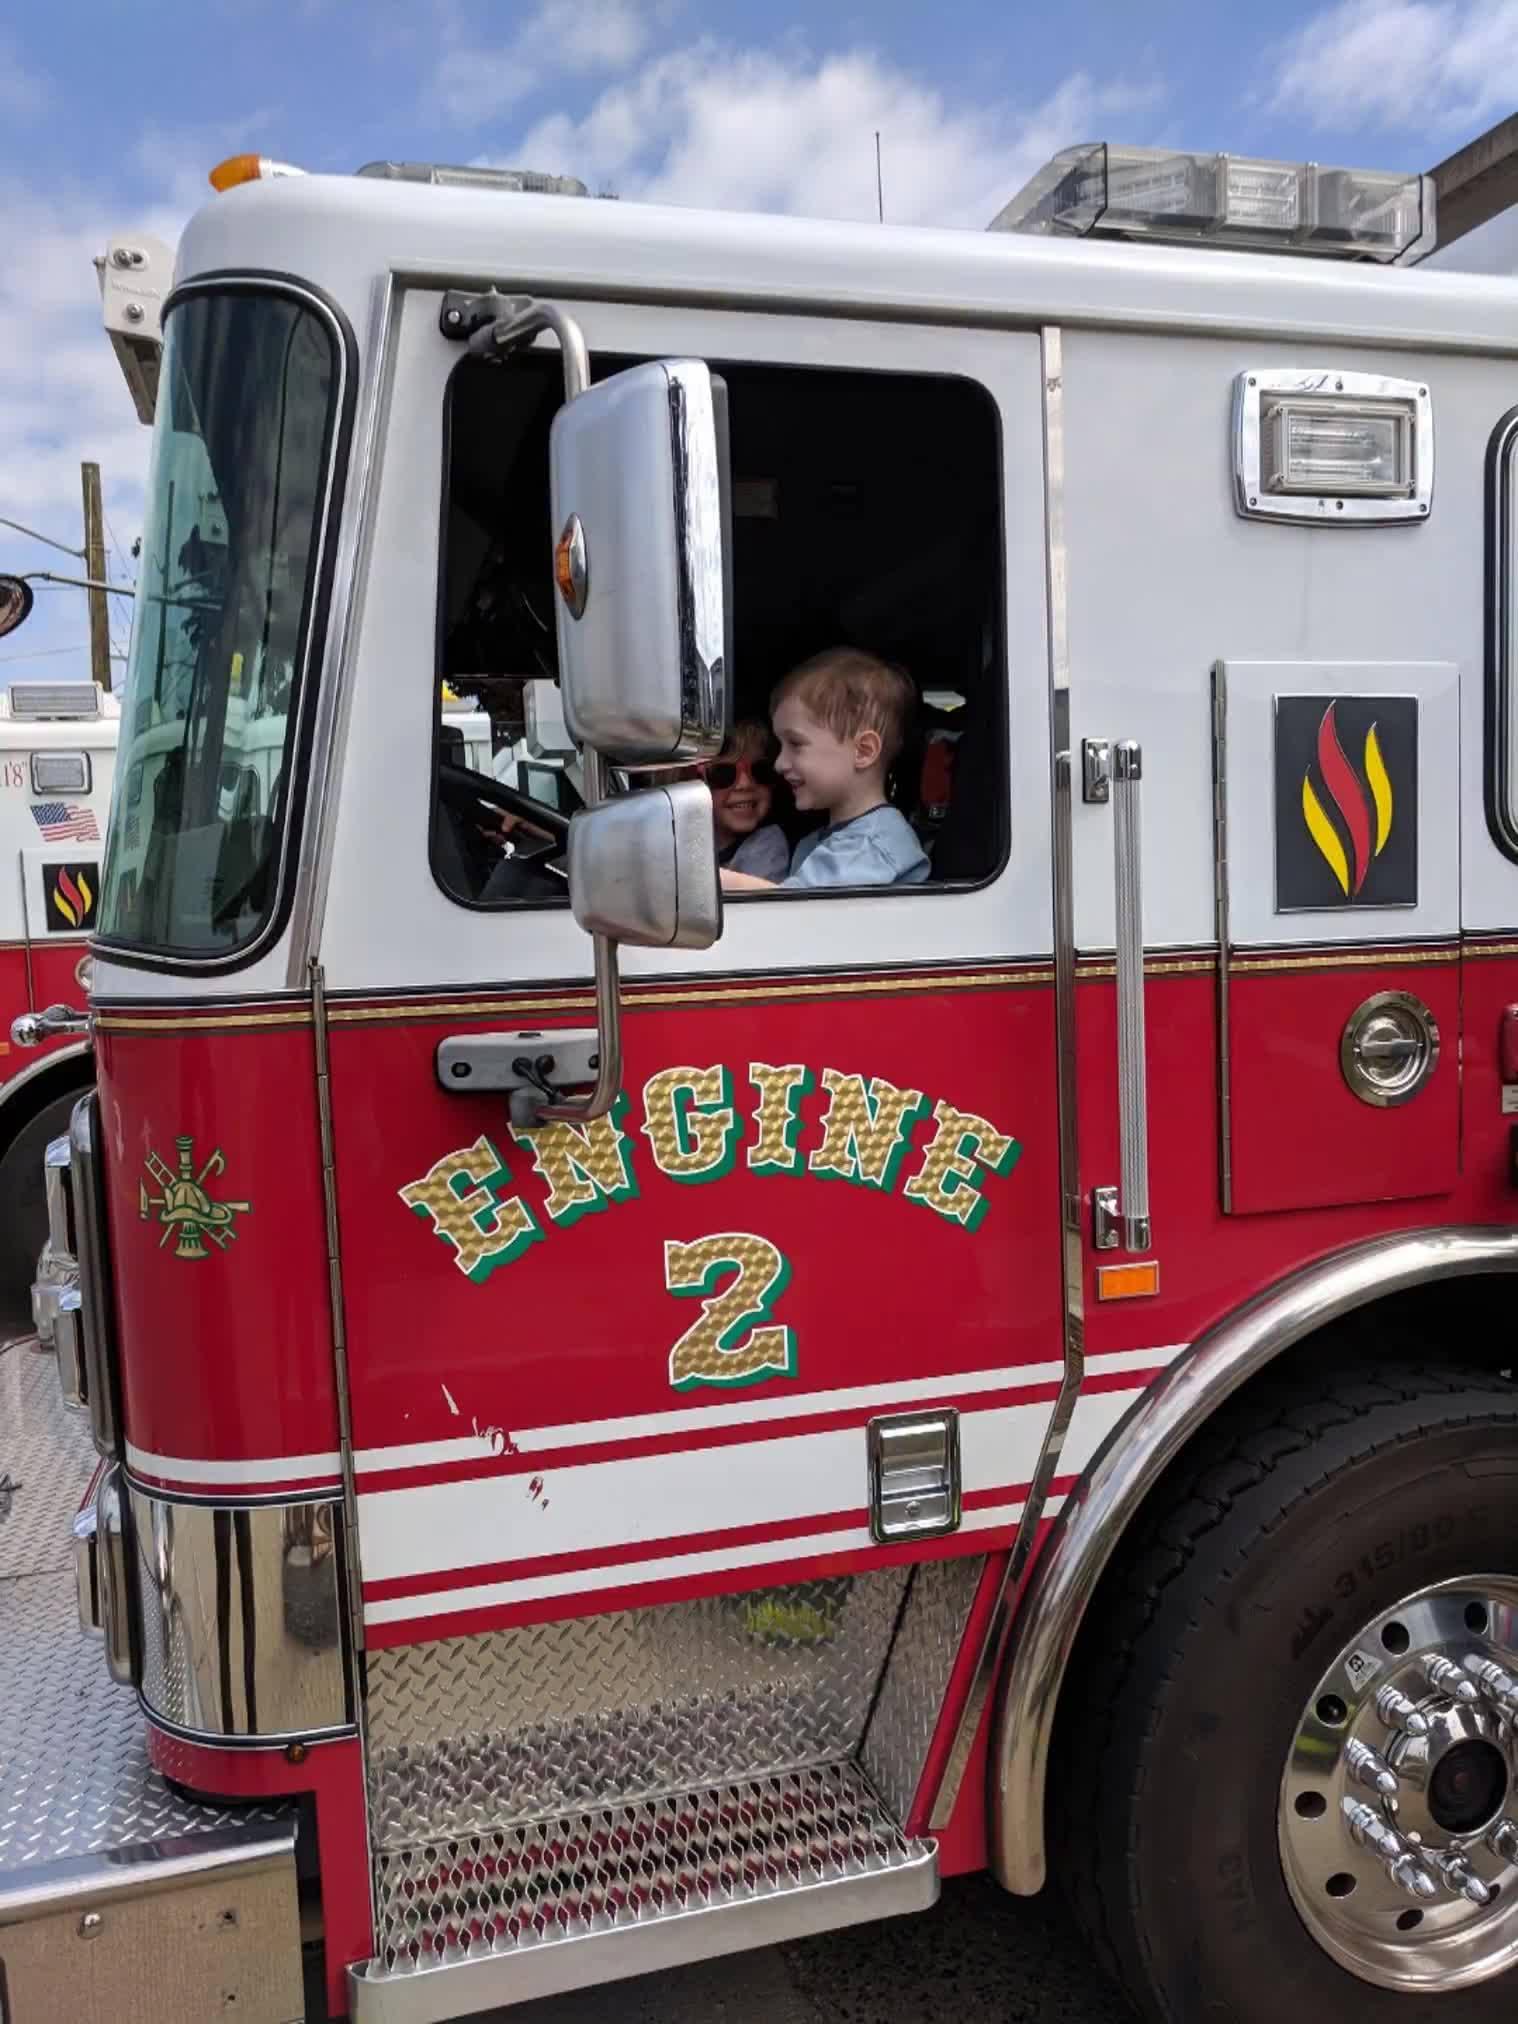 I to I fire station visit!